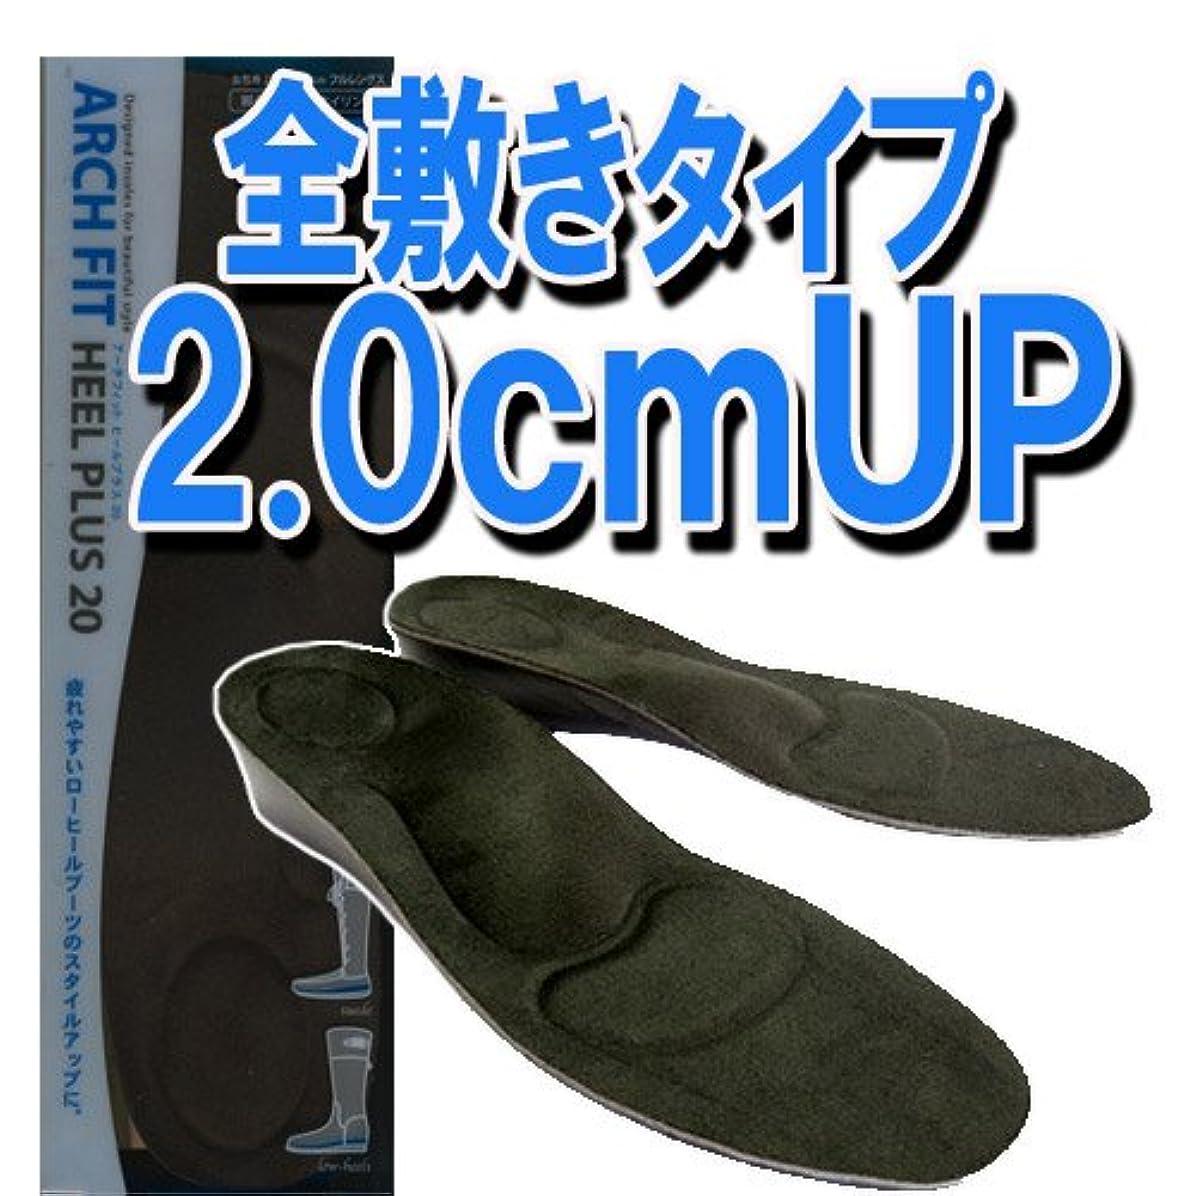 尾先生暗い荒川産業 アーチフィット ヒールプラス20 フルレングス 23-26cm